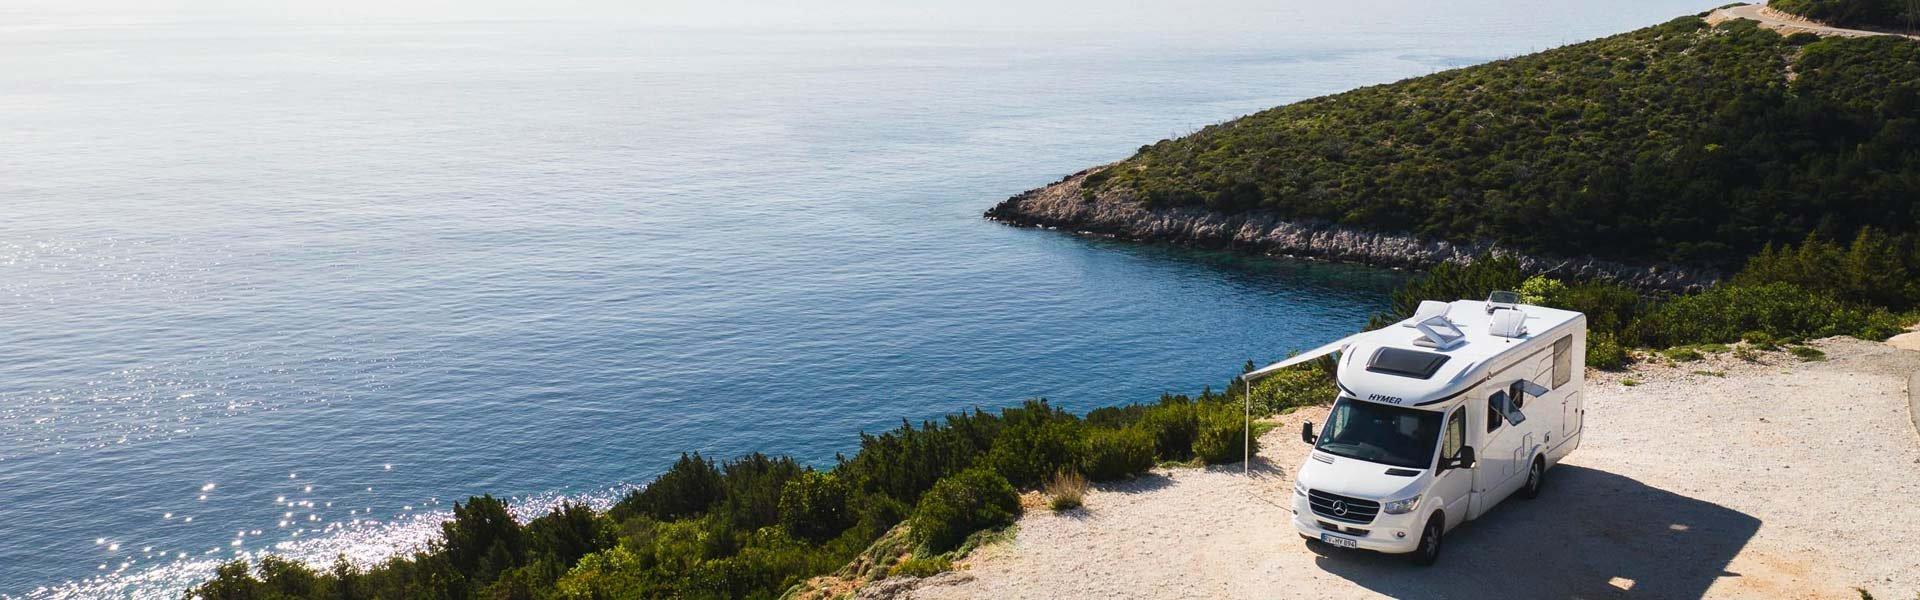 Ga op camperreis door Portugal in een camper van Rent Easy